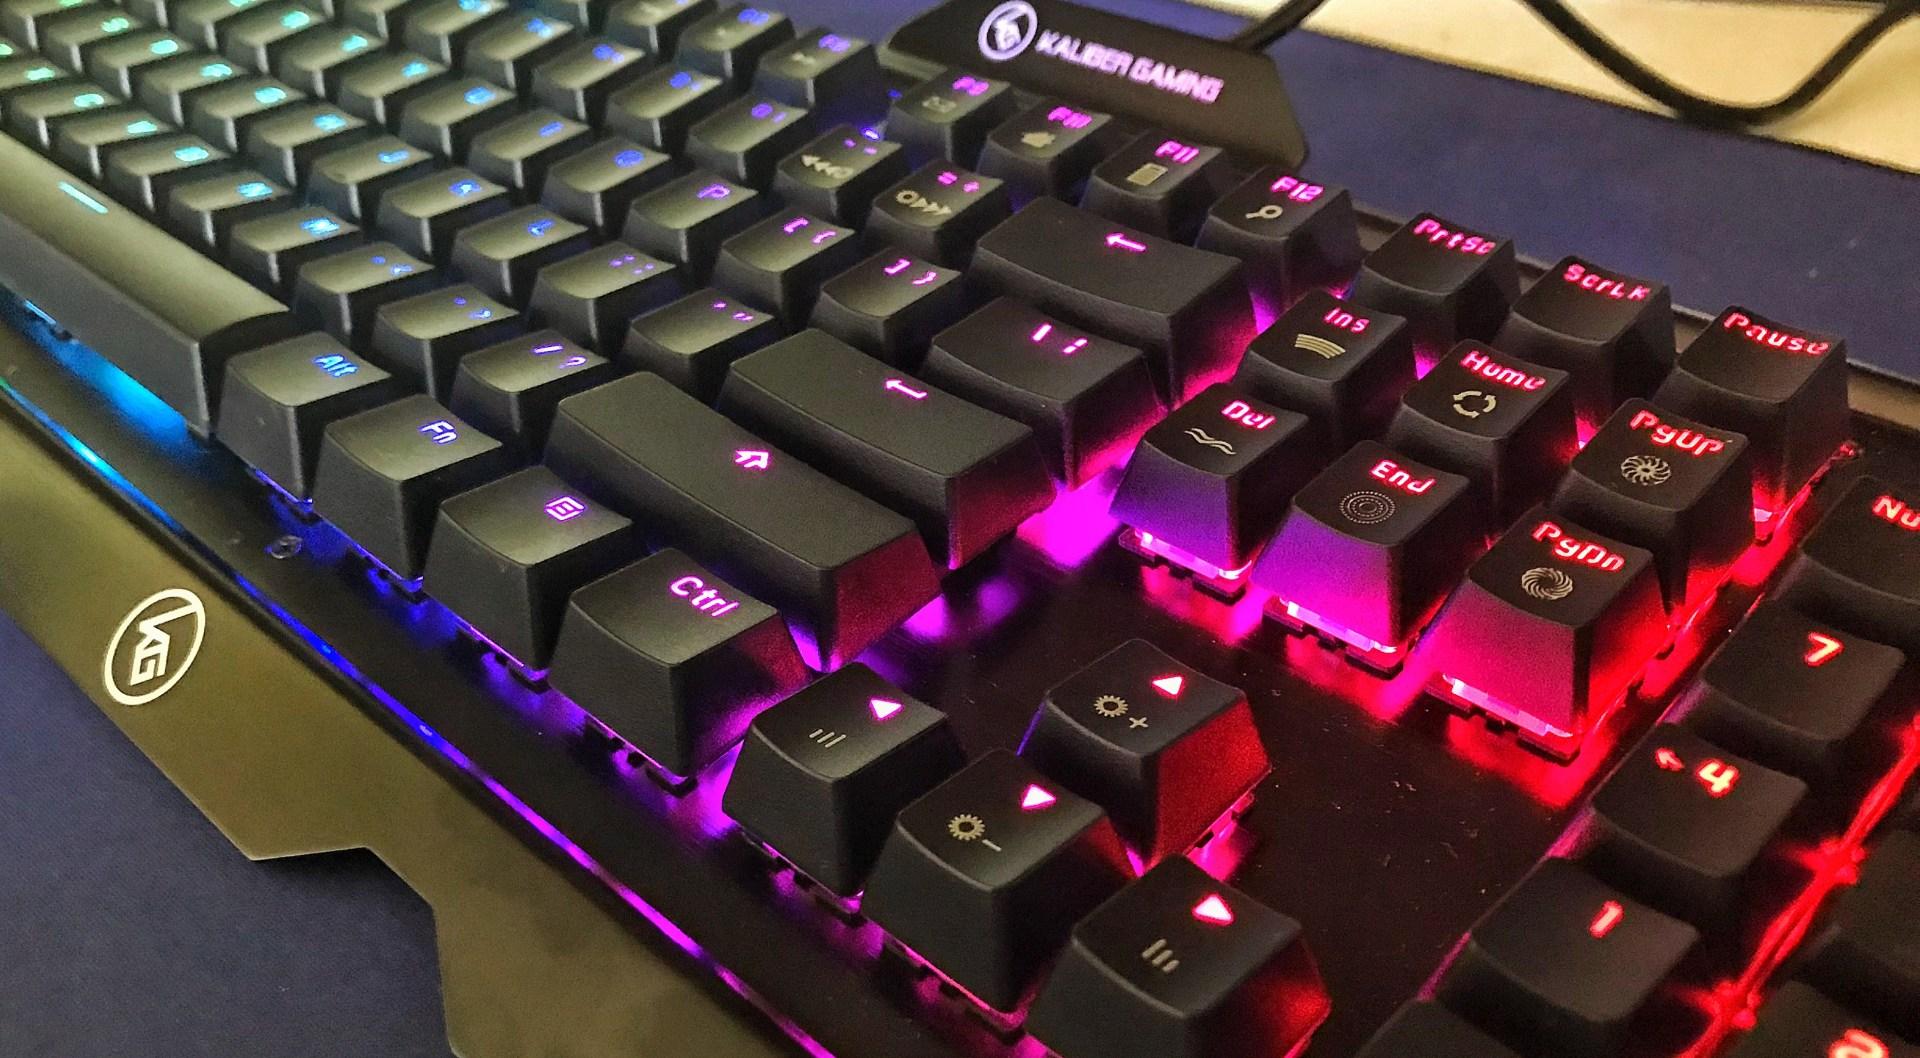 HVER PRO RGB Keyboard